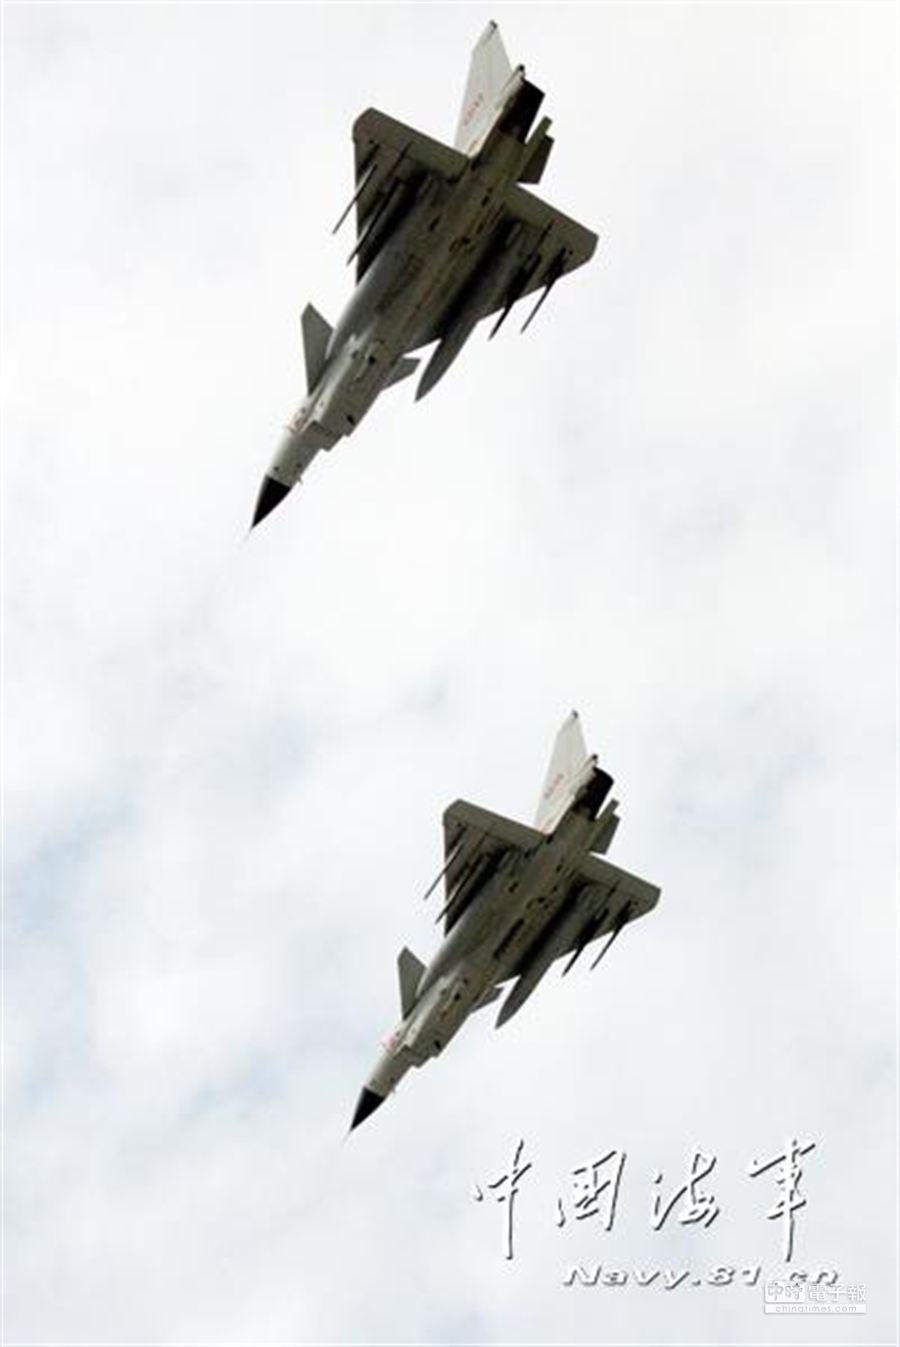 29日「外國軍機」闖入中國領空,被陸海軍2架軍機驅離。(取材自中國海軍網)